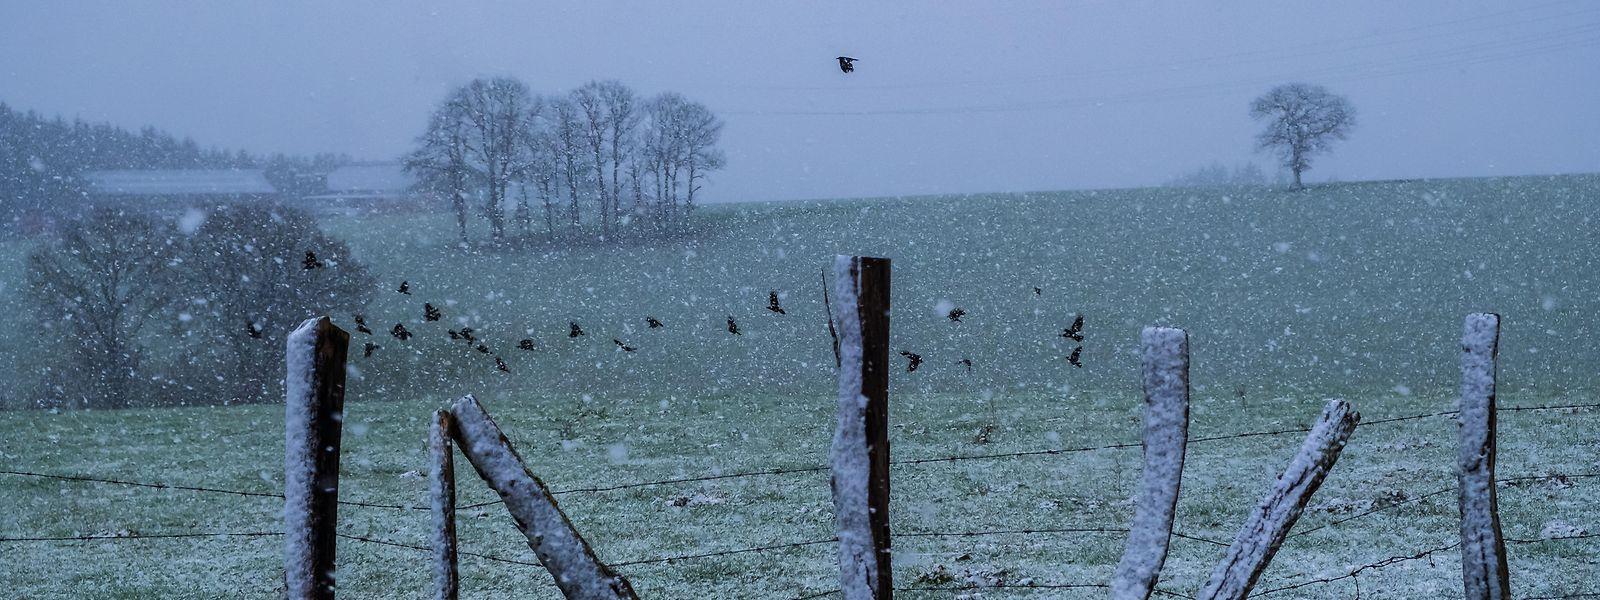 Grün-weiße Weihnachten: In Rullingen bei Wiltz fiel bereits am Donnerstag etwas Schnee.